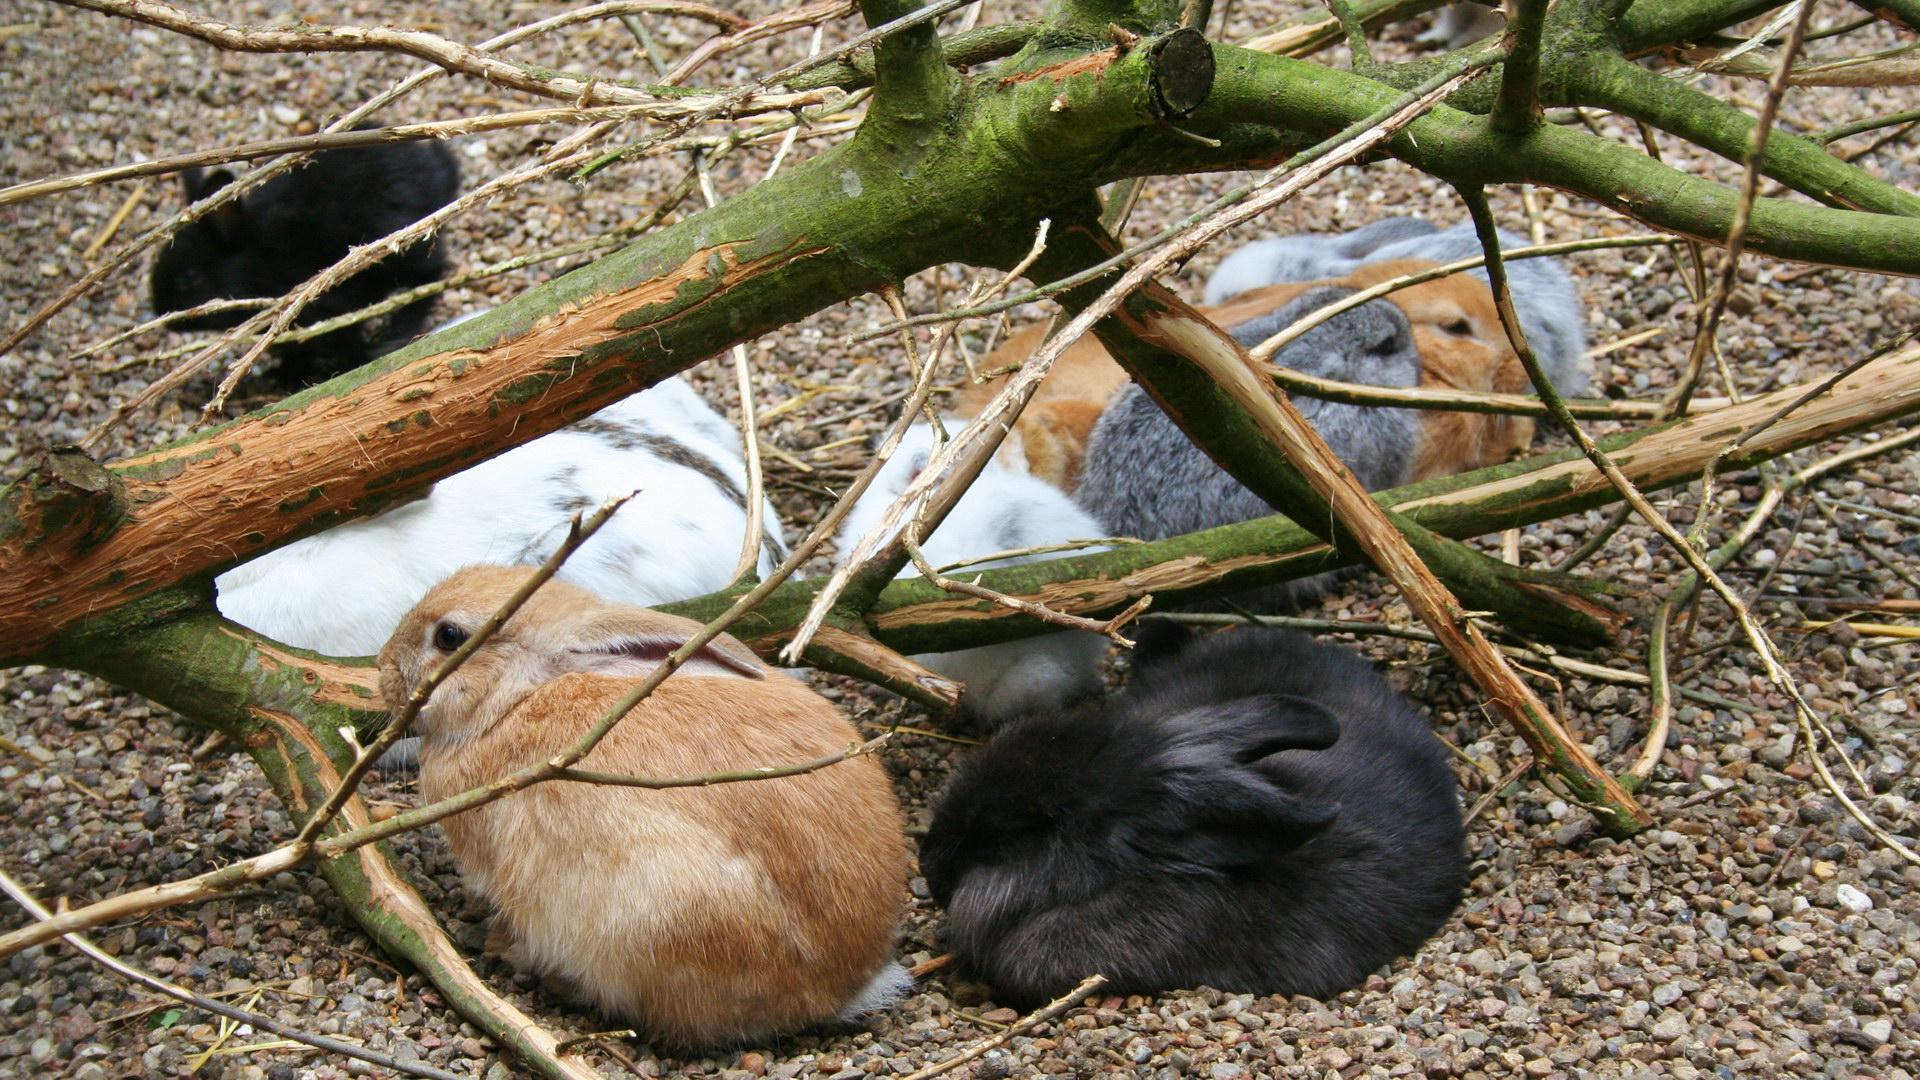 Viele Kaninchen braun weiß schwarz zwischen Ästen Kies